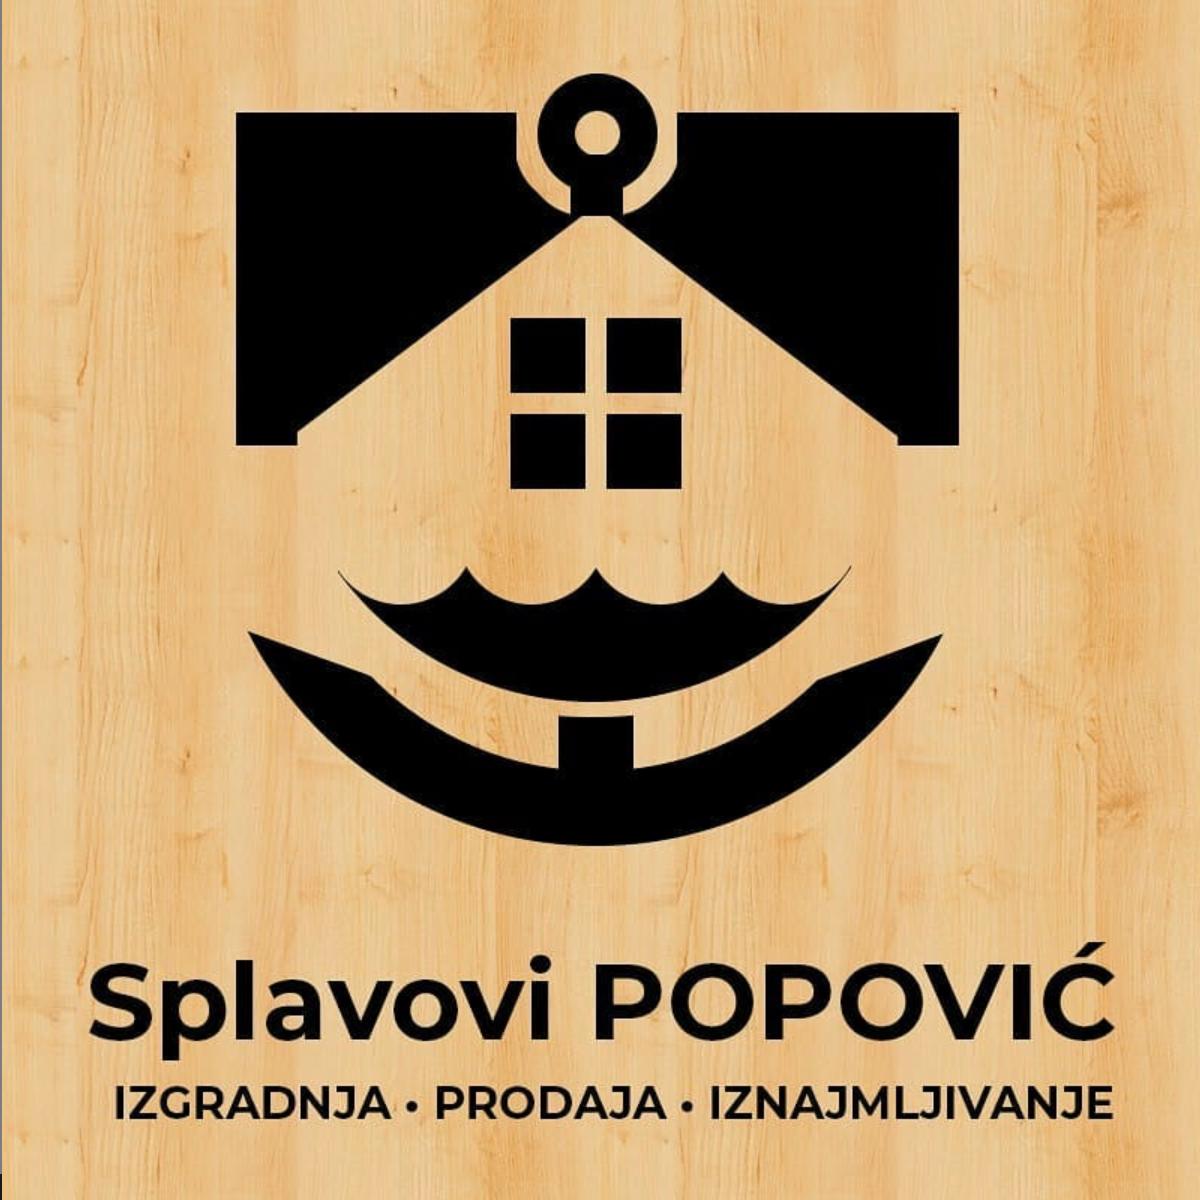 Splavovi Popović logo